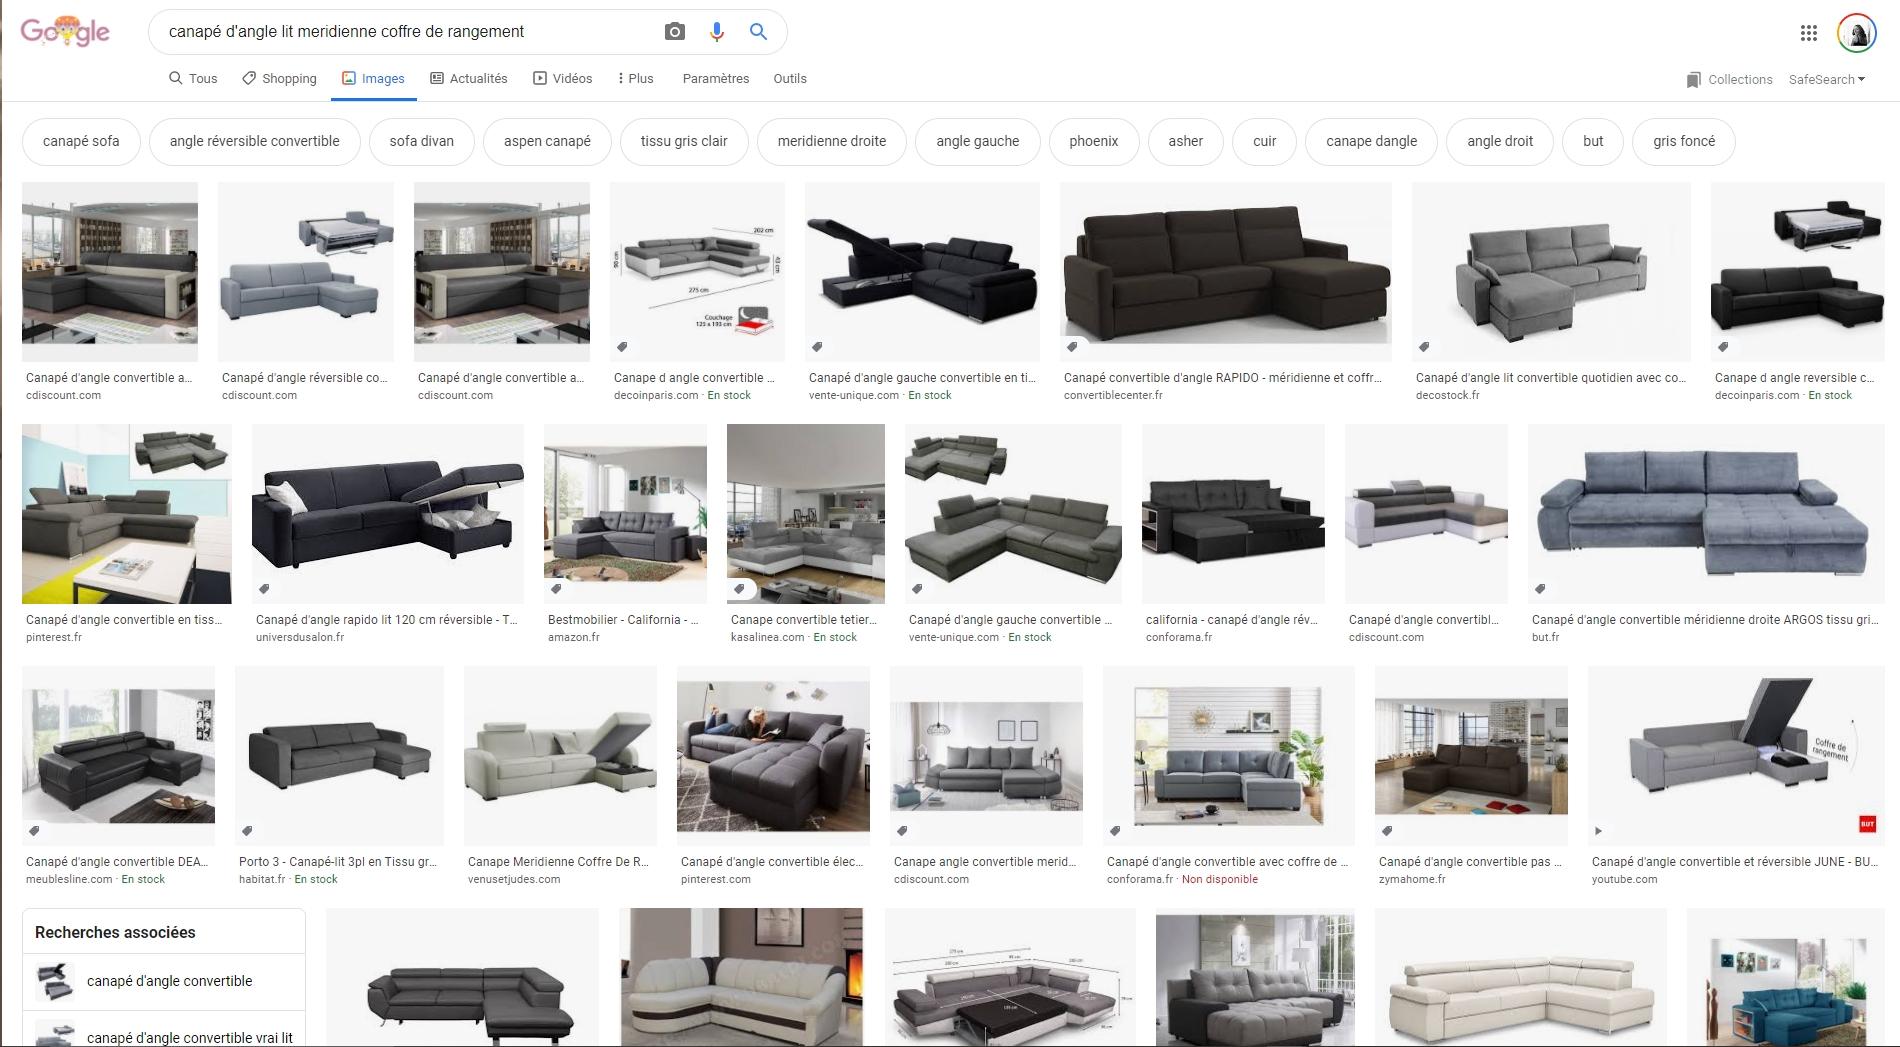 Un canapé d'angle, avec lit disposant de  rangements